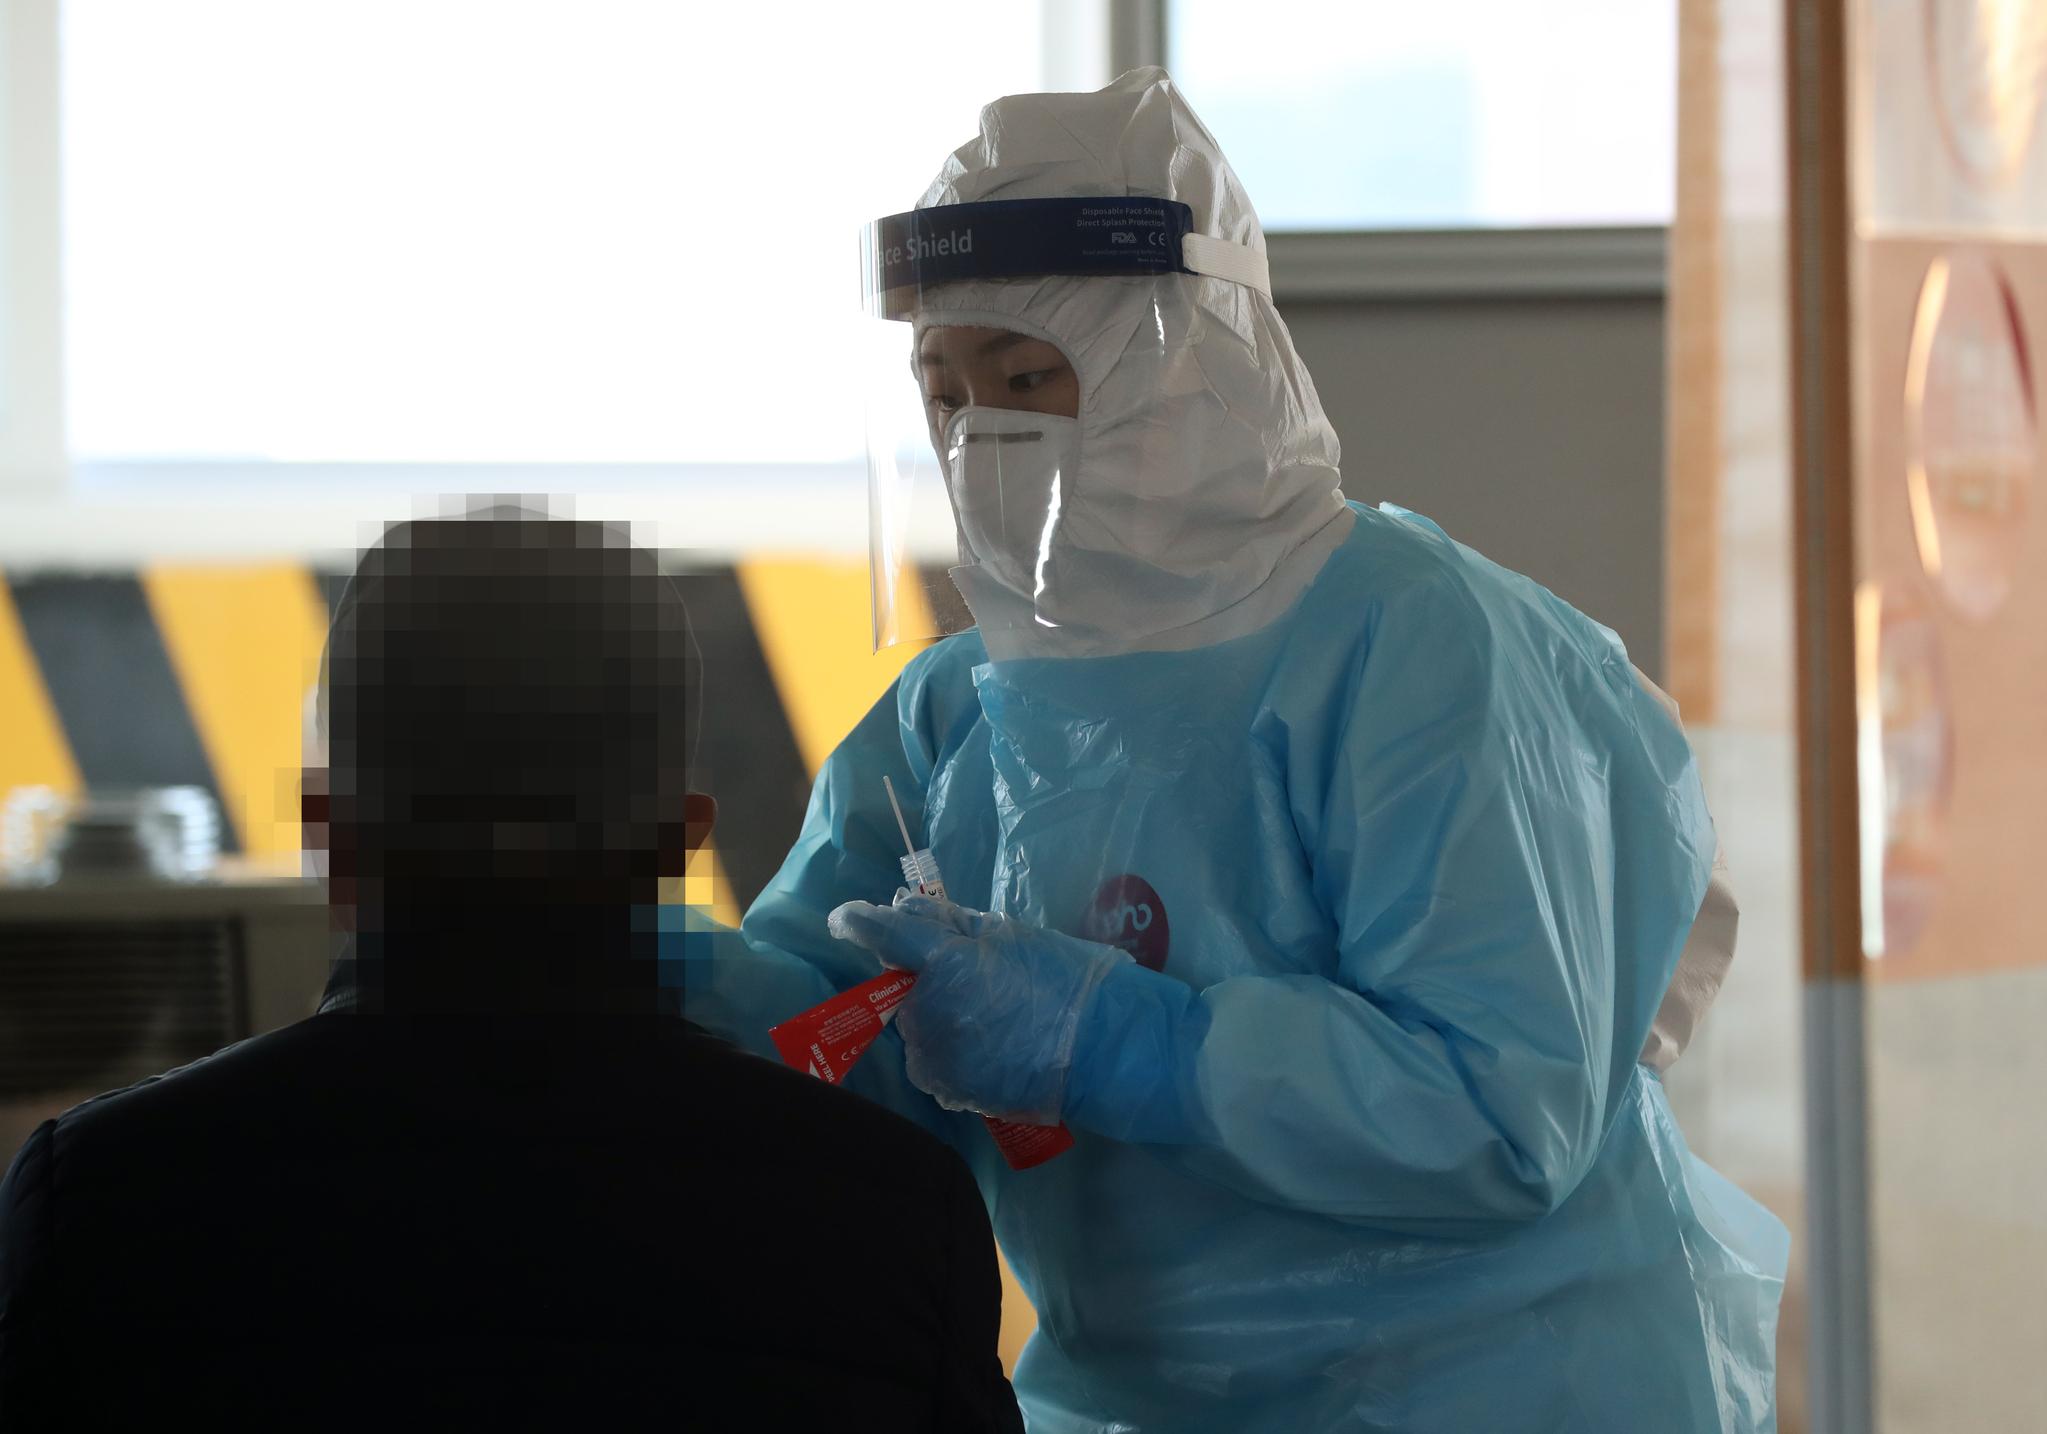 20일 오후 광주 북구선별진료소 의료진이 신종 코로나바이러스 감염증(코로나19) 검체를 채취하고 있다. 연합뉴스